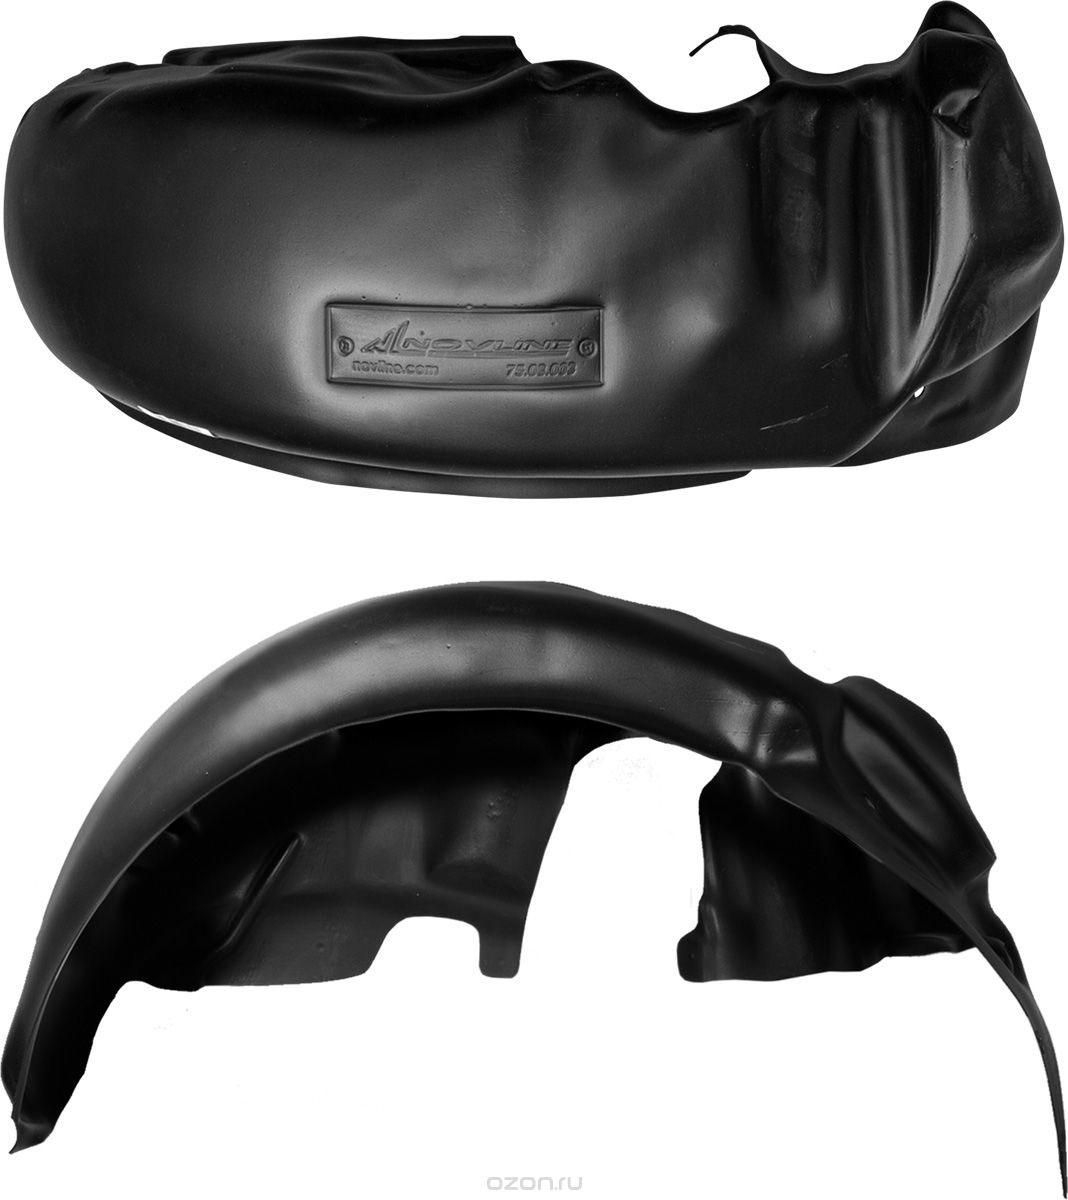 Подкрылок Novline-Autofamily, для Ford Mondeo, 2007-2014, седан, задний правыйNLL.16.18.004Идеальная защита колесной ниши. Локеры разработаны с применением цифровых технологий, гарантируют максимальную повторяемость поверхности арки. Изделия устанавливаются без нарушения лакокрасочного покрытия автомобиля, каждый подкрылок комплектуется крепежом. Уважаемые клиенты, обращаем ваше внимание, что фотографии на подкрылки универсальные и не отражают реальную форму изделия. При этом само изделие идет точно под размер указанного автомобиля.